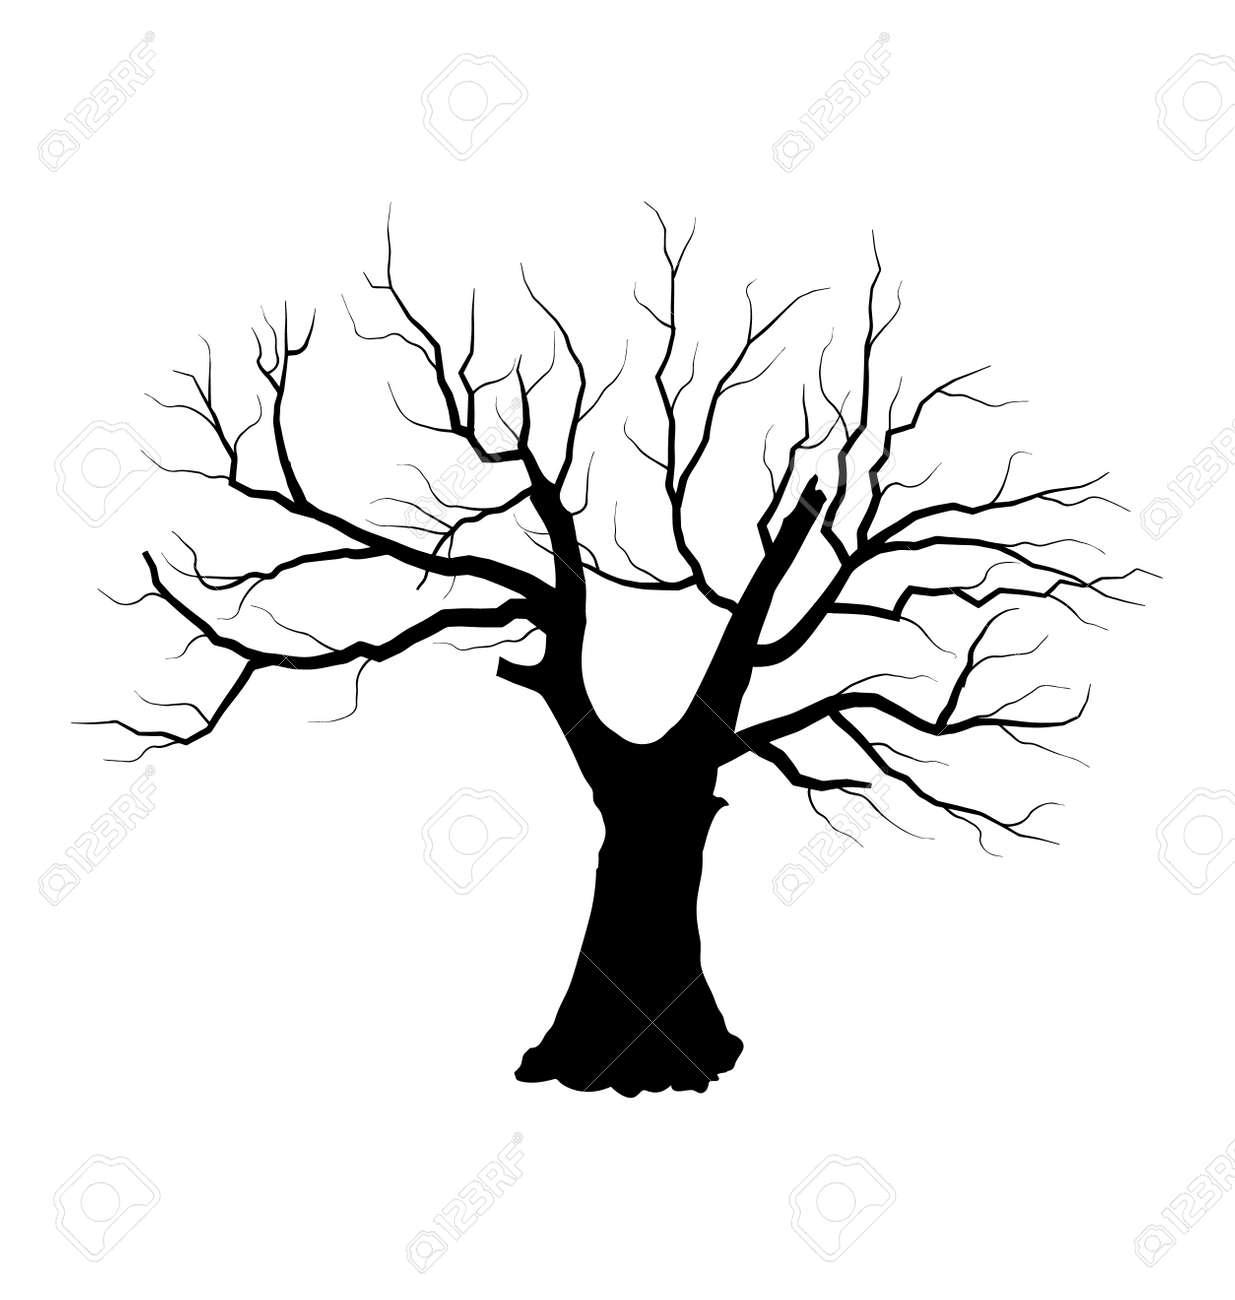 Dibujo Ilustración De árbol Muerto Y Sin Hojas Ilustraciones